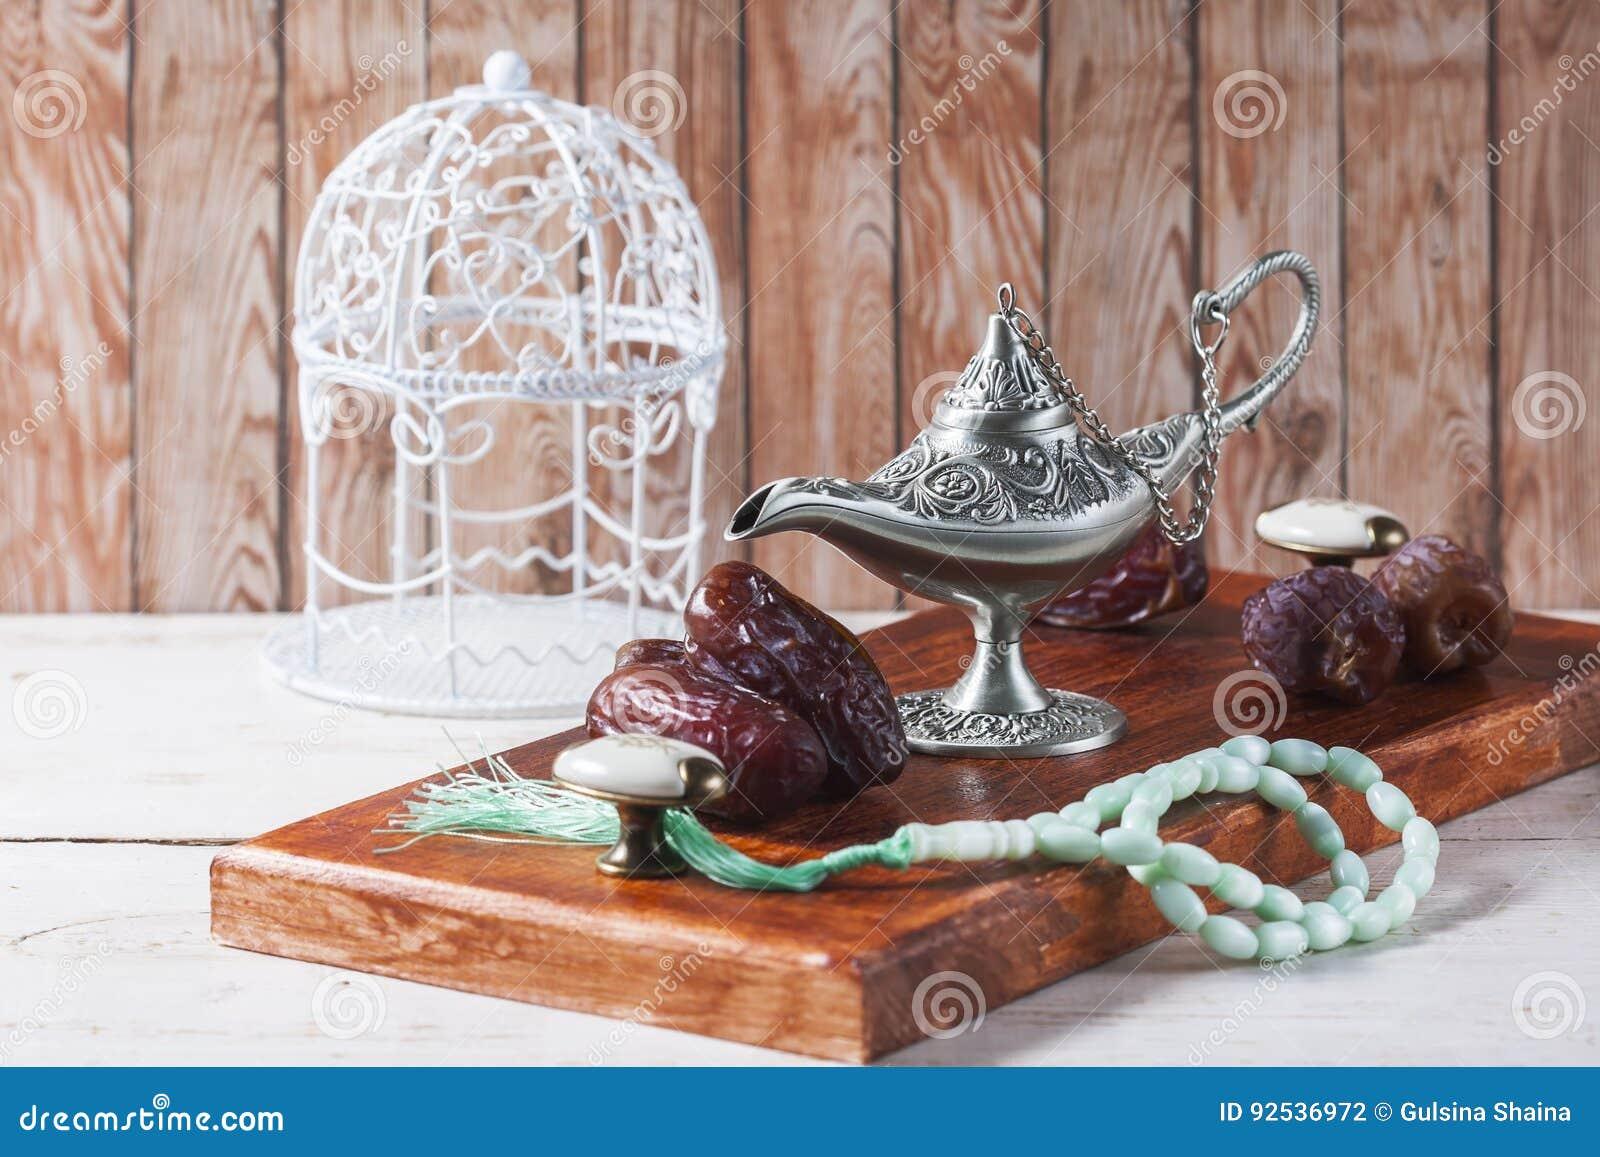 Grüne Islamische Gebetsperlen Daten Und Silberne Aladdin S Lampe